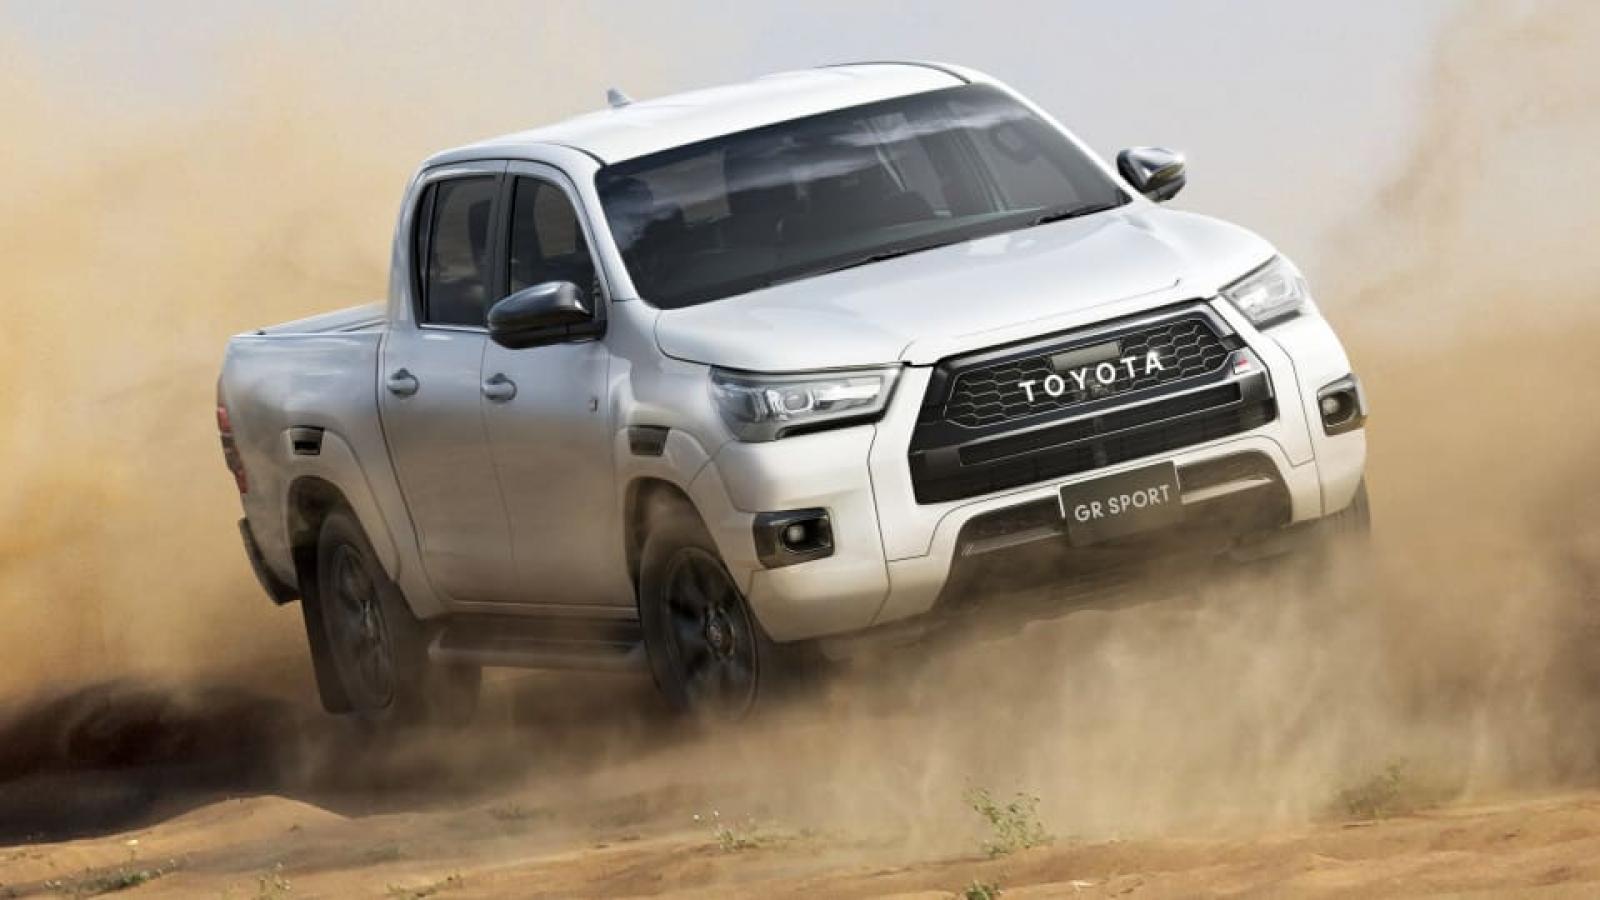 Cận cảnh Toyota Hilux GR Sport 2022 vừa ra mắt